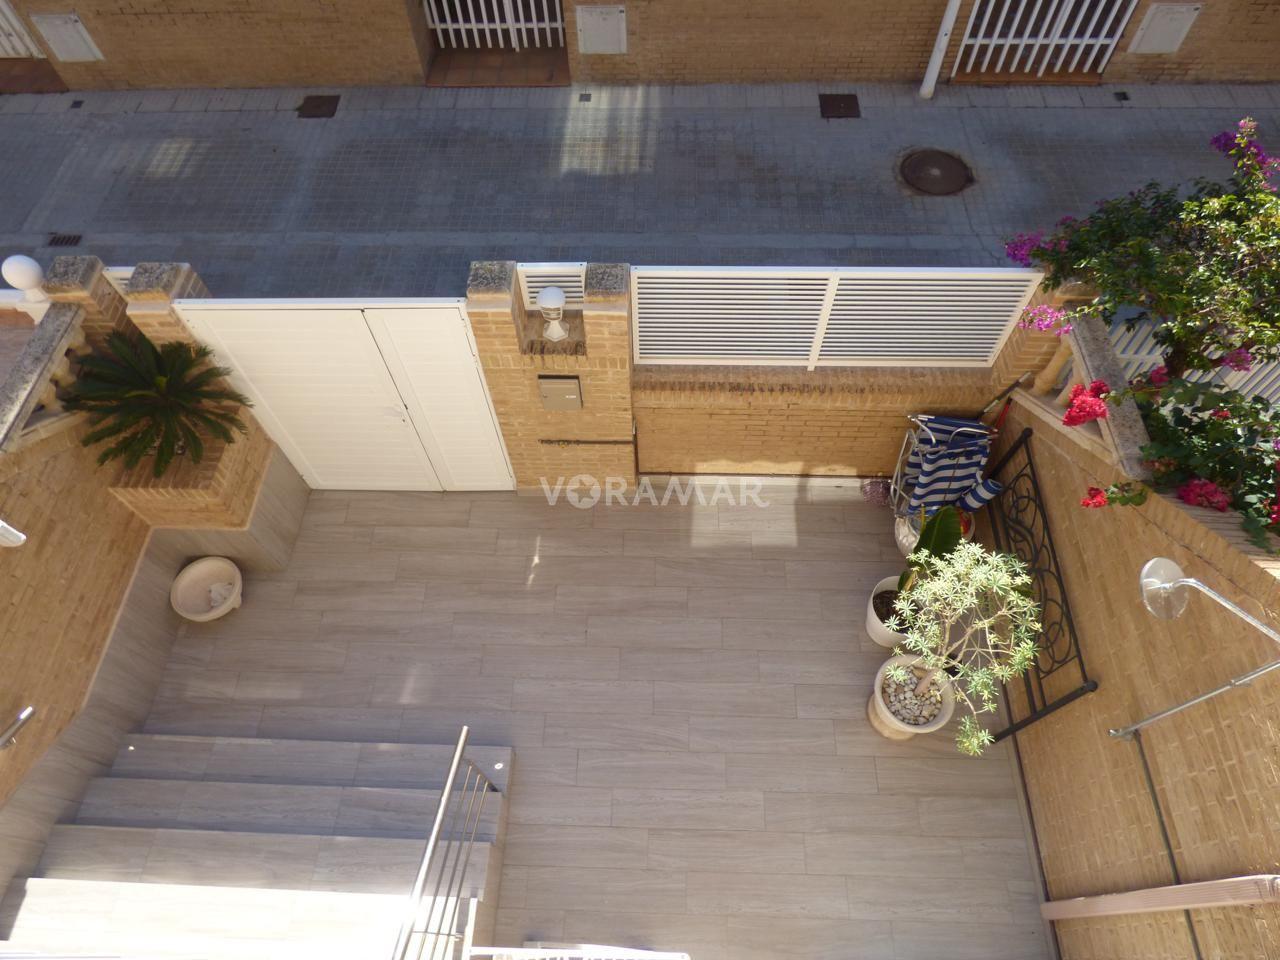 Miete Haus  Avenida mare nostrum. Bonito adosado,reformado a 100 m2 de la playa de la patacona.sup